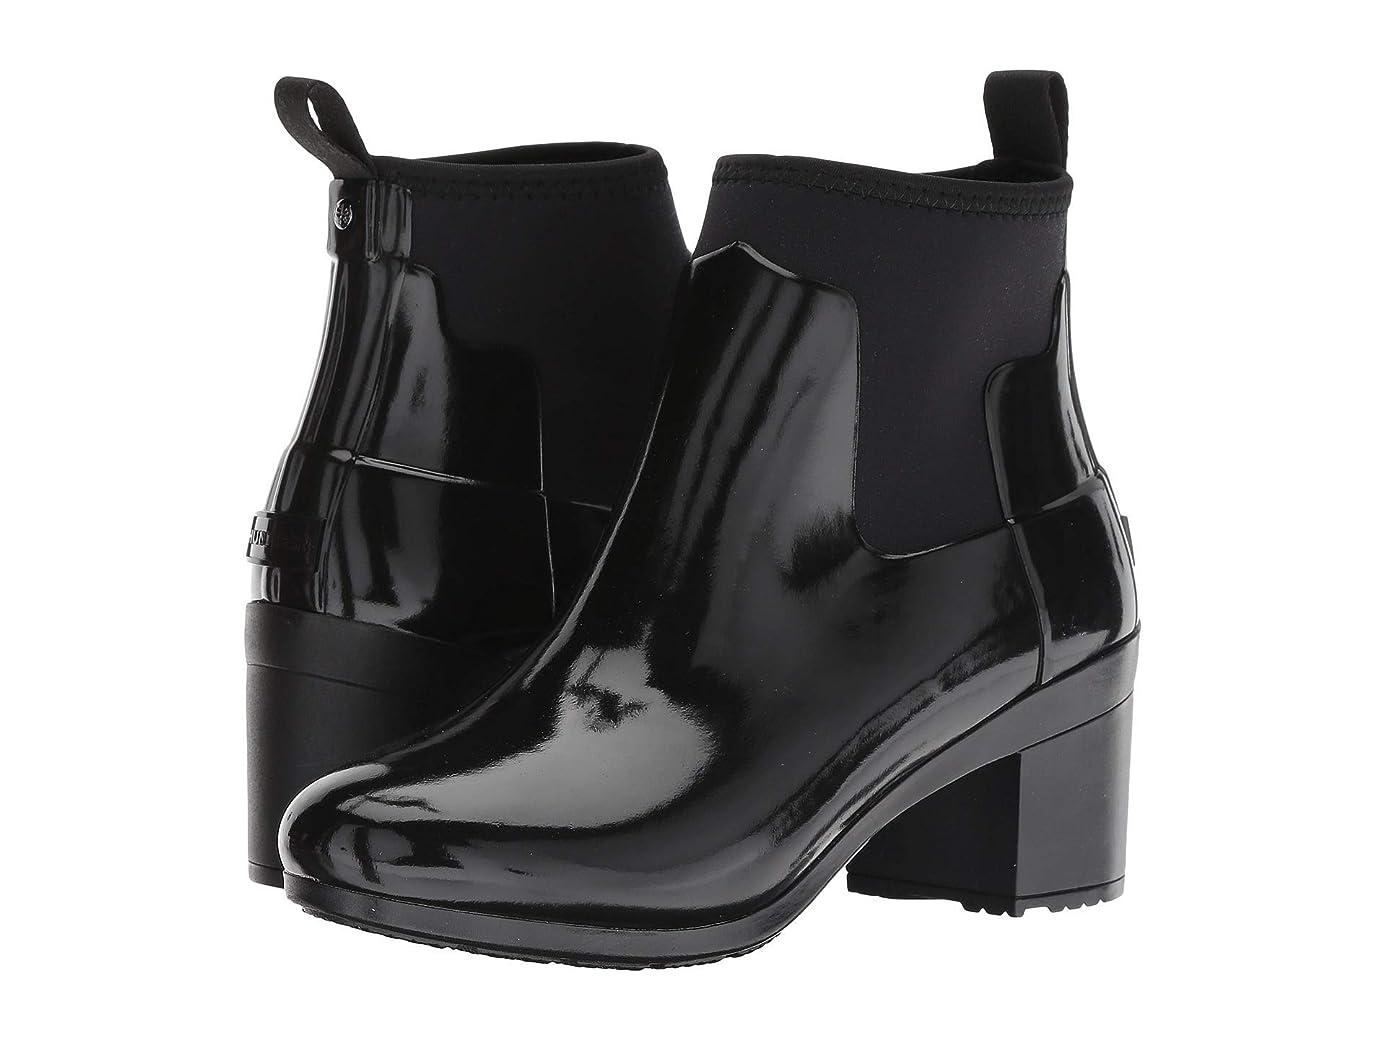 野菜拒否味わう[ハンター] レディースレインブーツ?長靴 Refined Mid Heel Gloss Rain Boots [並行輸入品]